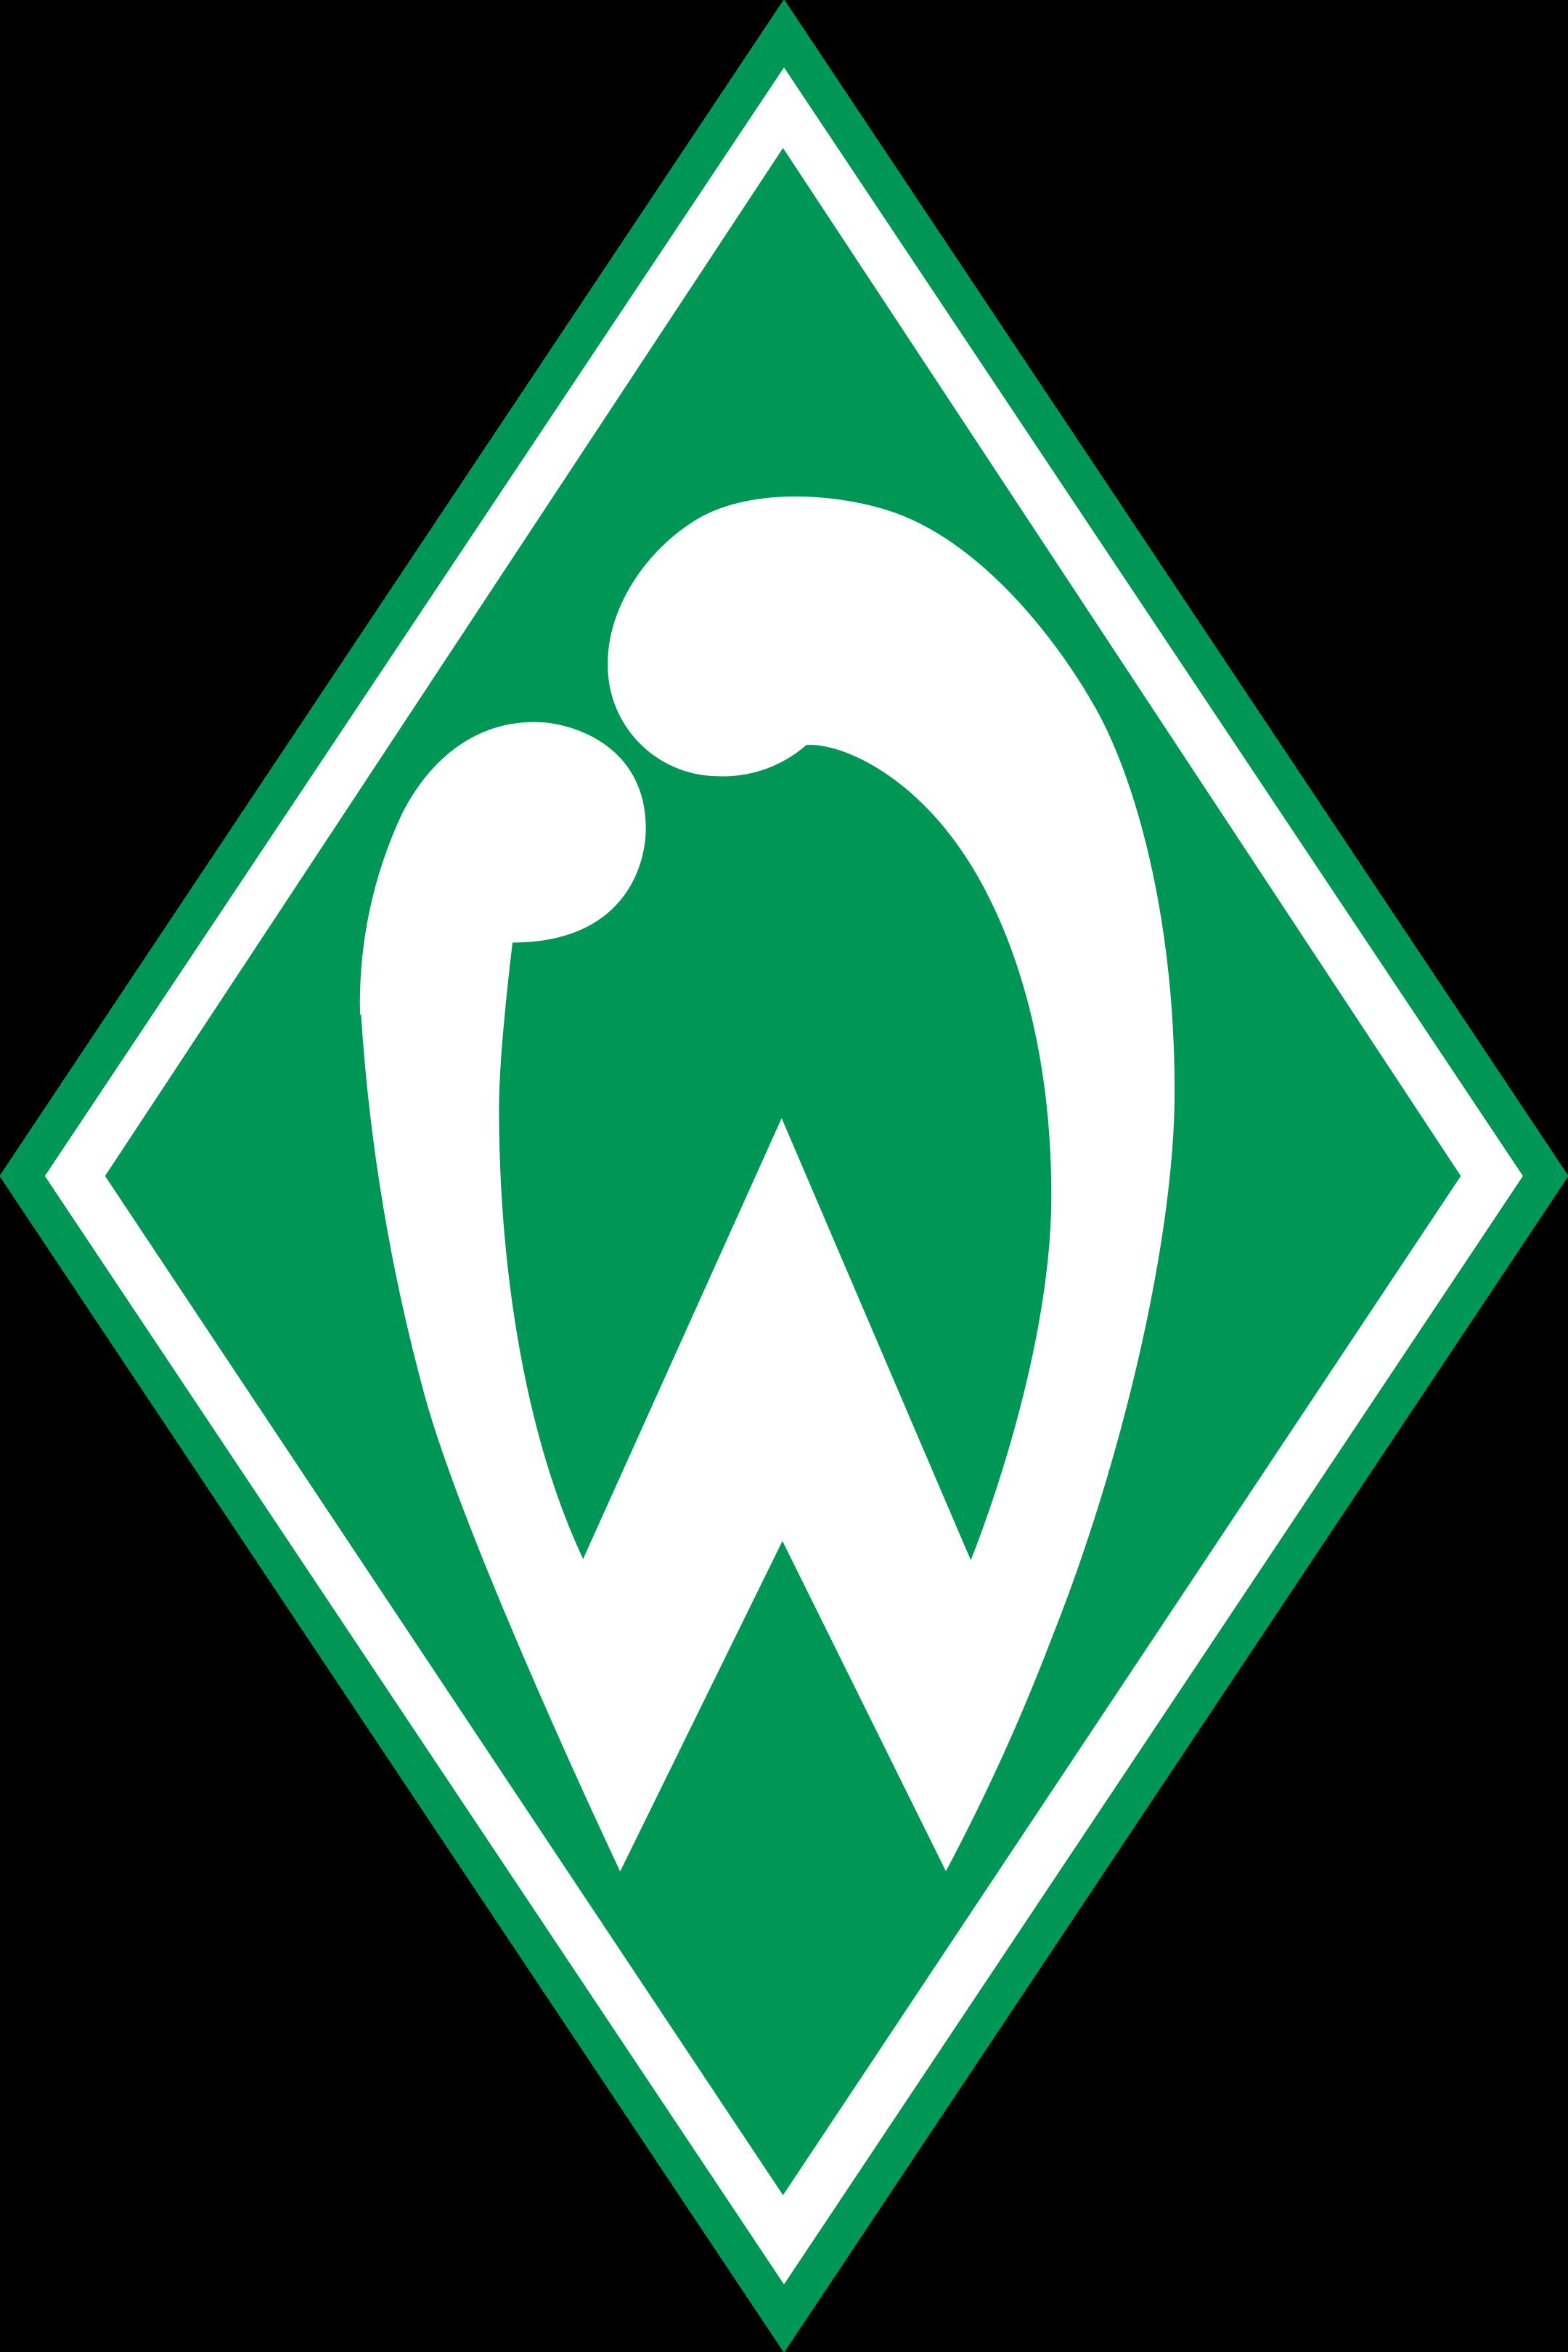 werder bremen logo 1 - SV Werder Bremen Logo